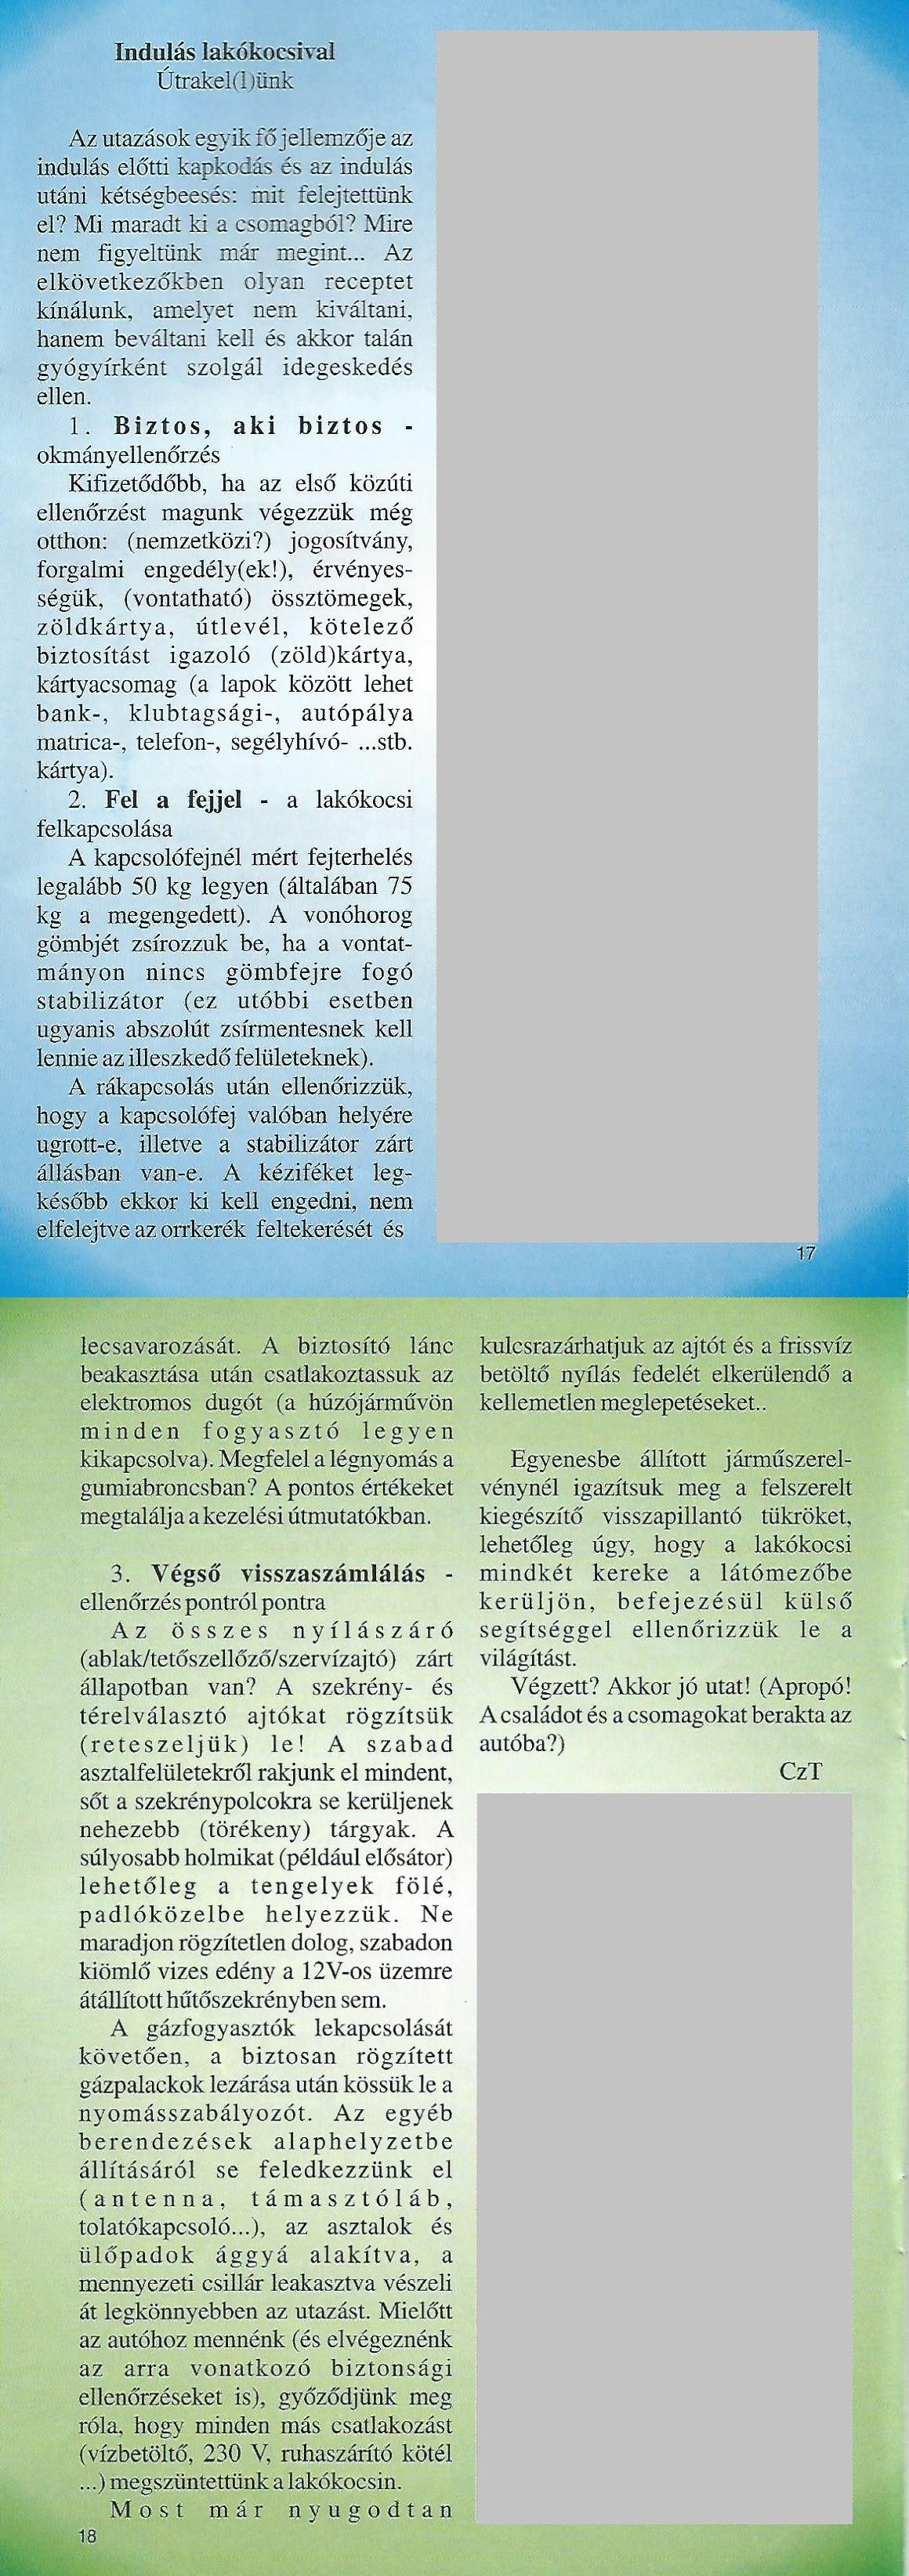 Karavándor magazin 2000 1. szám - Indulás lakókocsival